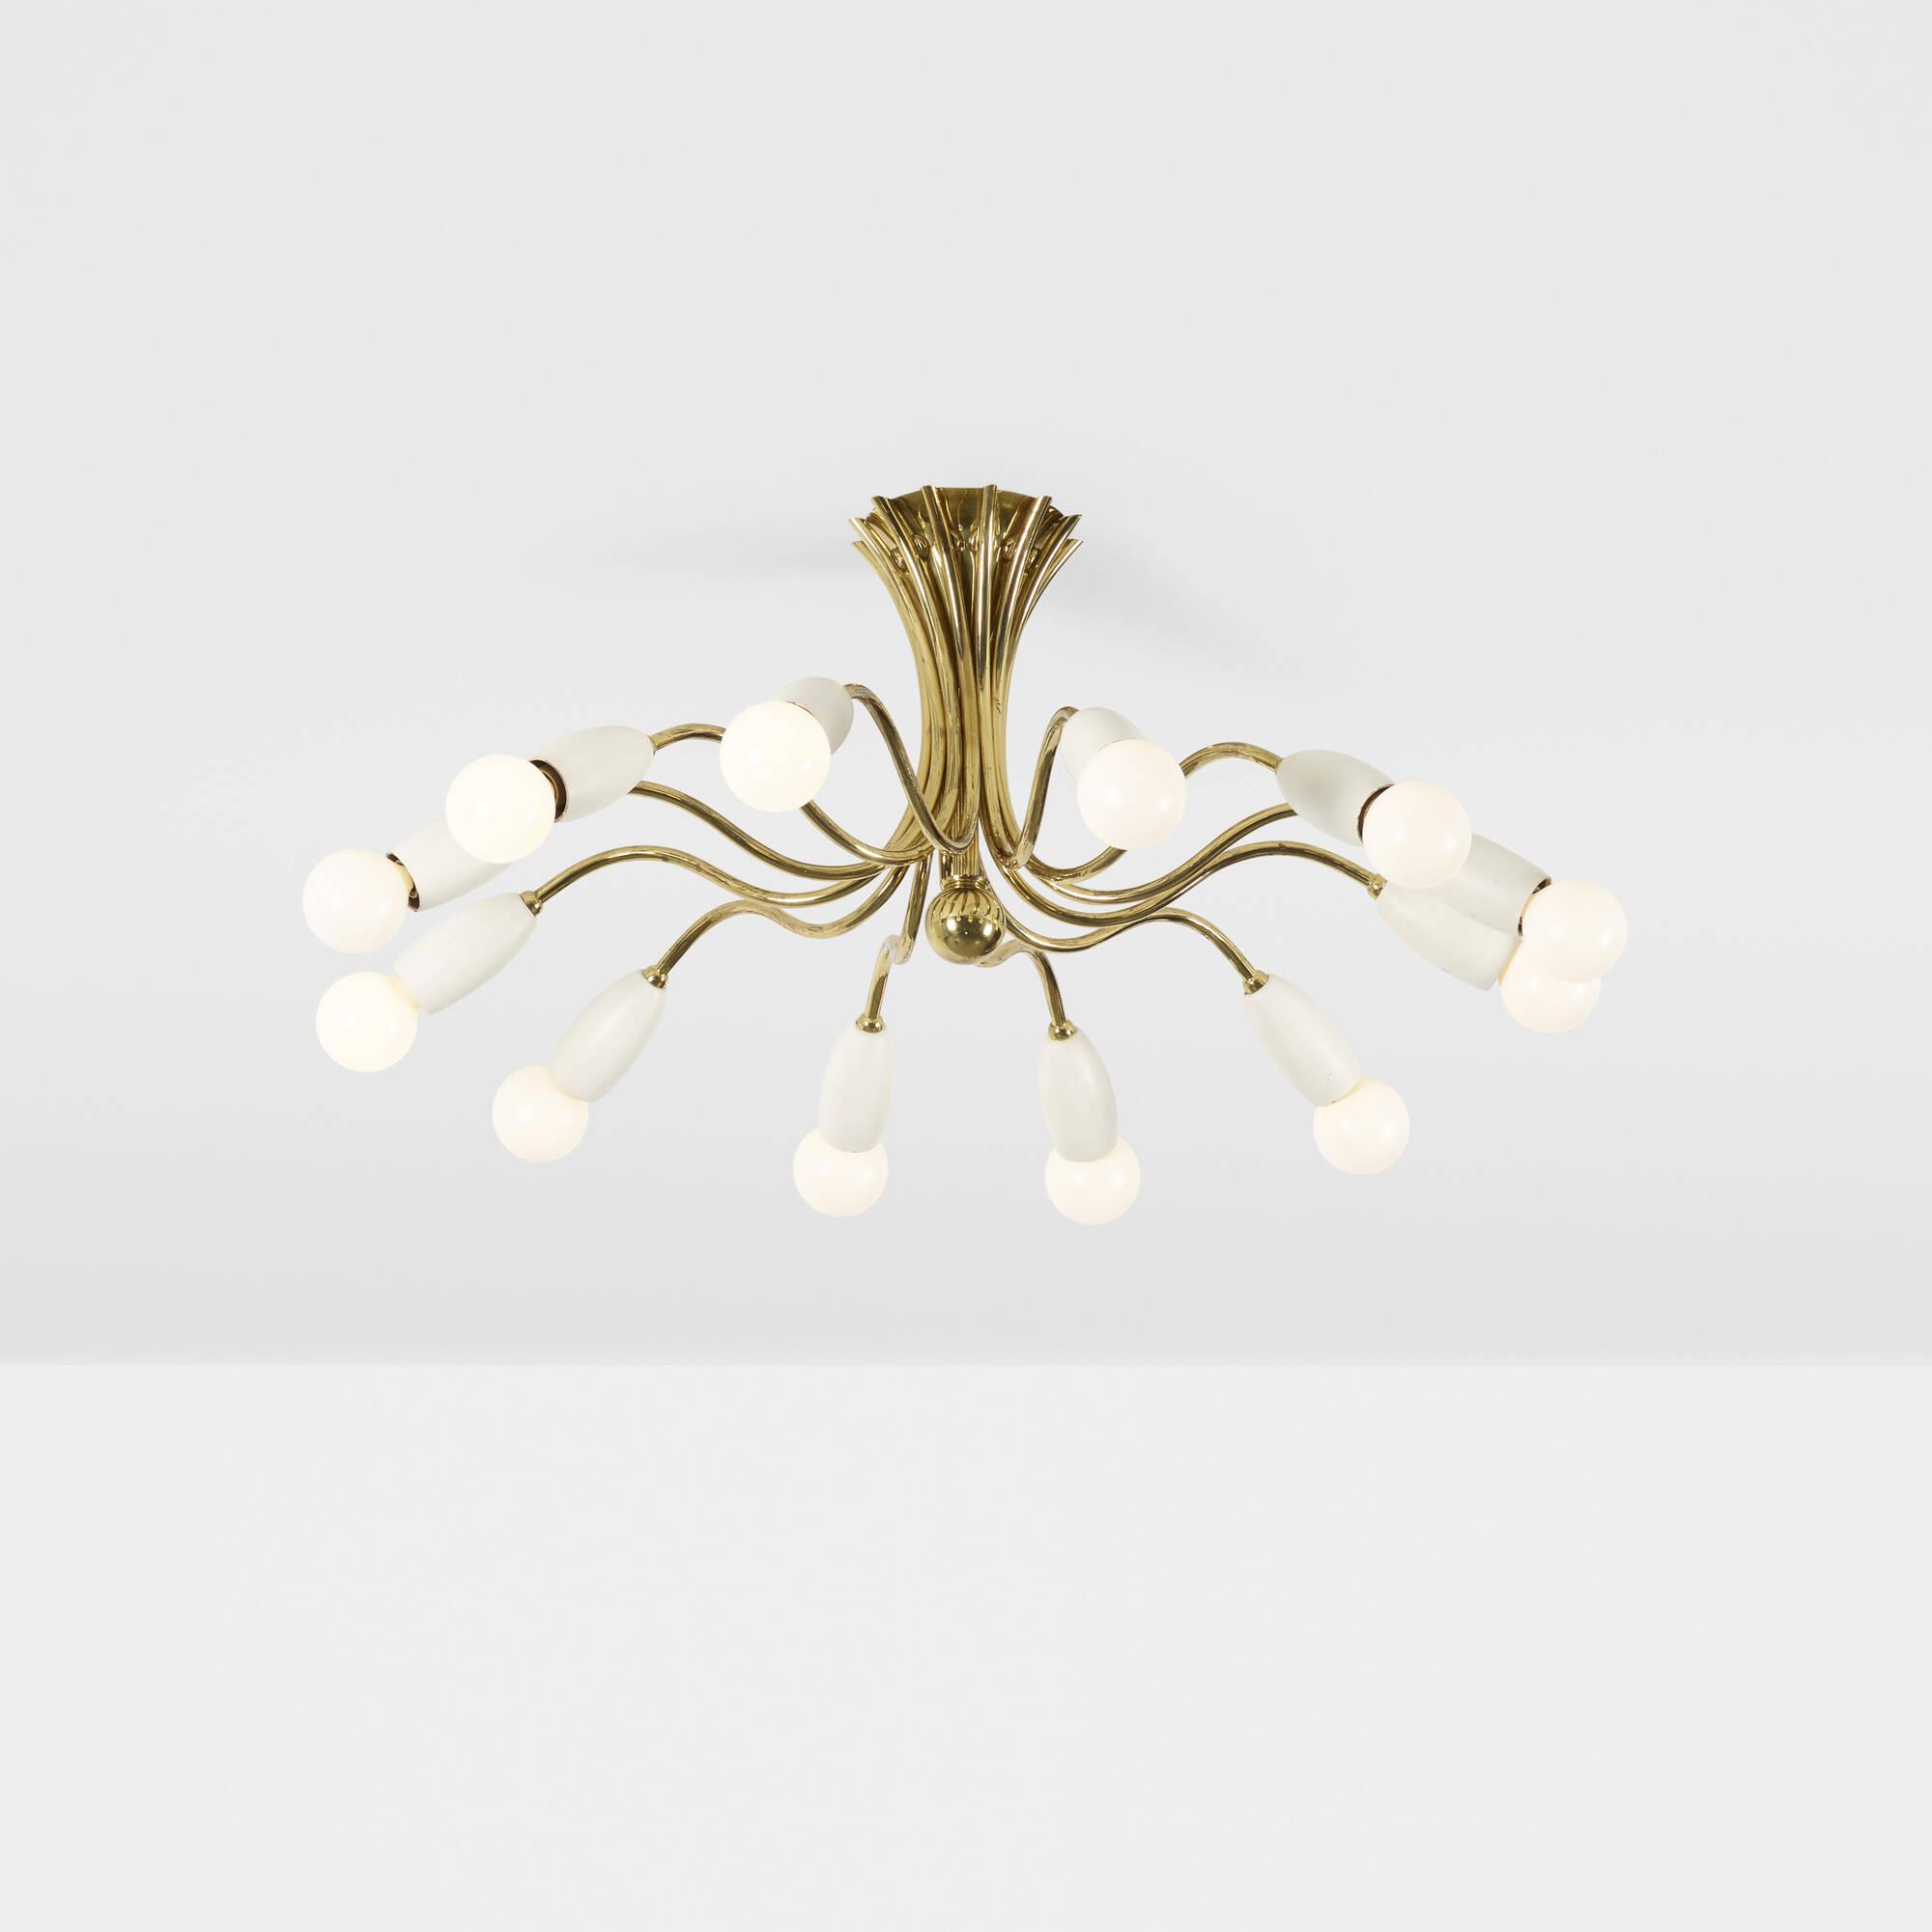 light antique deco fixtures vintage for art ceiling reproduction sale chandelier